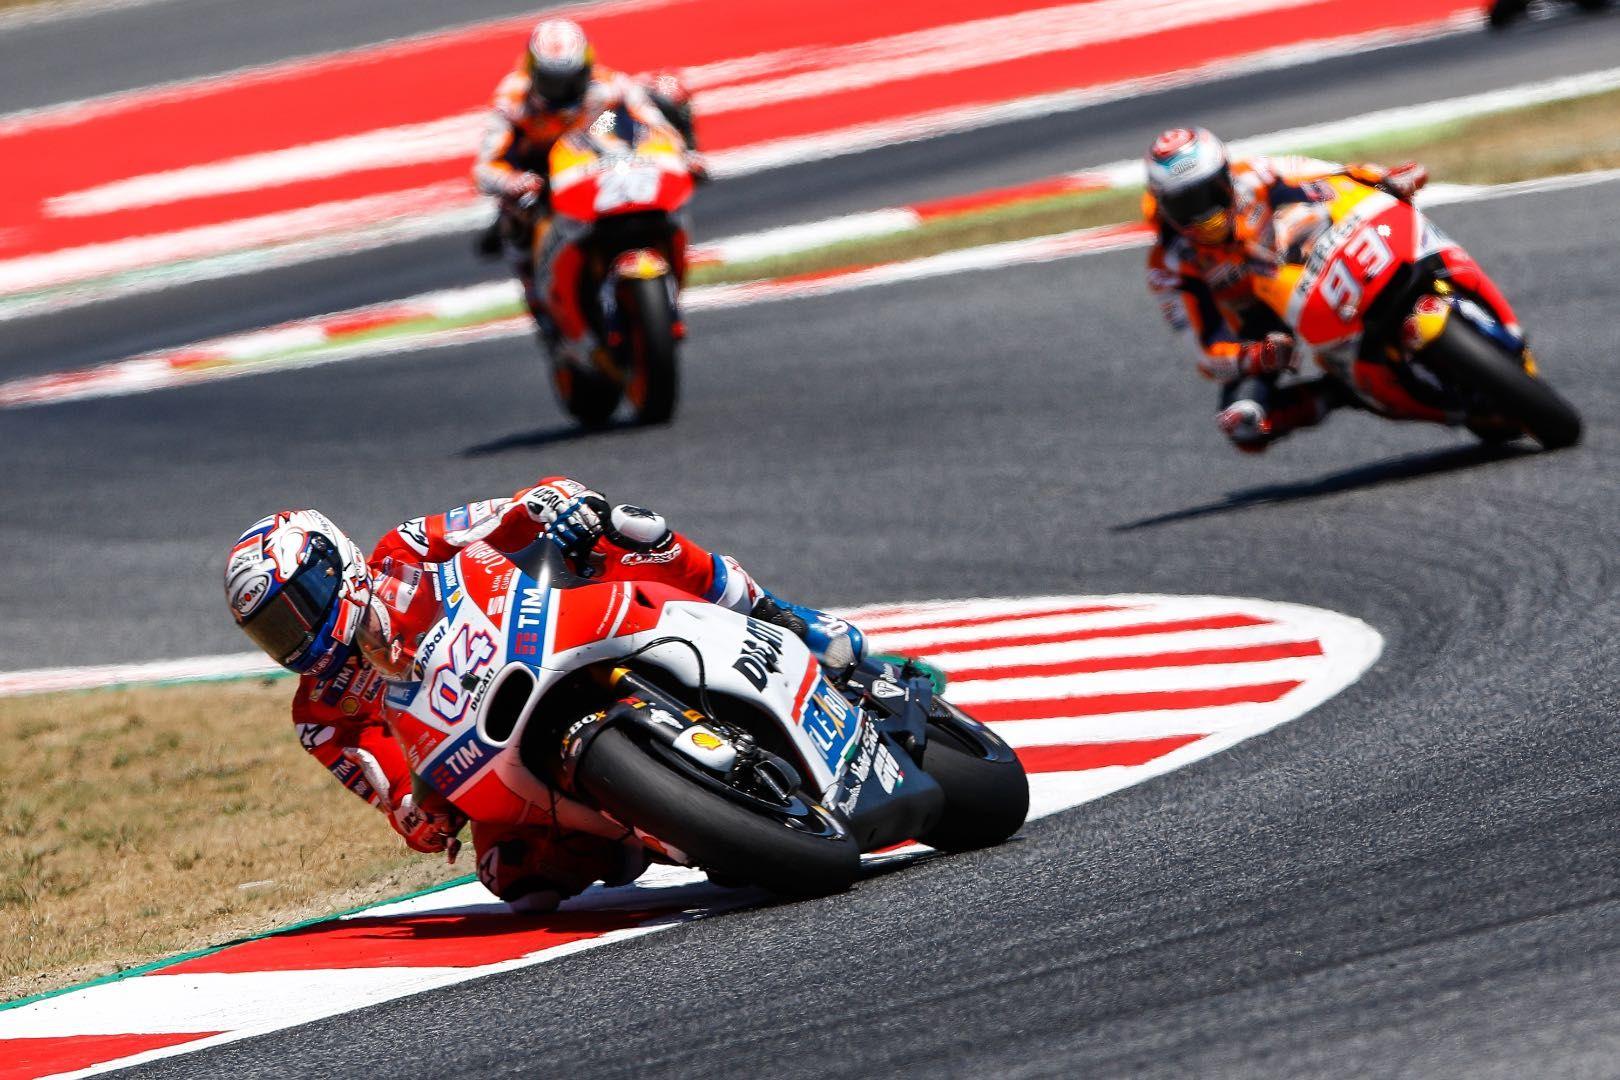 Watch Motogp Catalunya Grand Prix Live Stream Online Motogp Grand Prix Grands